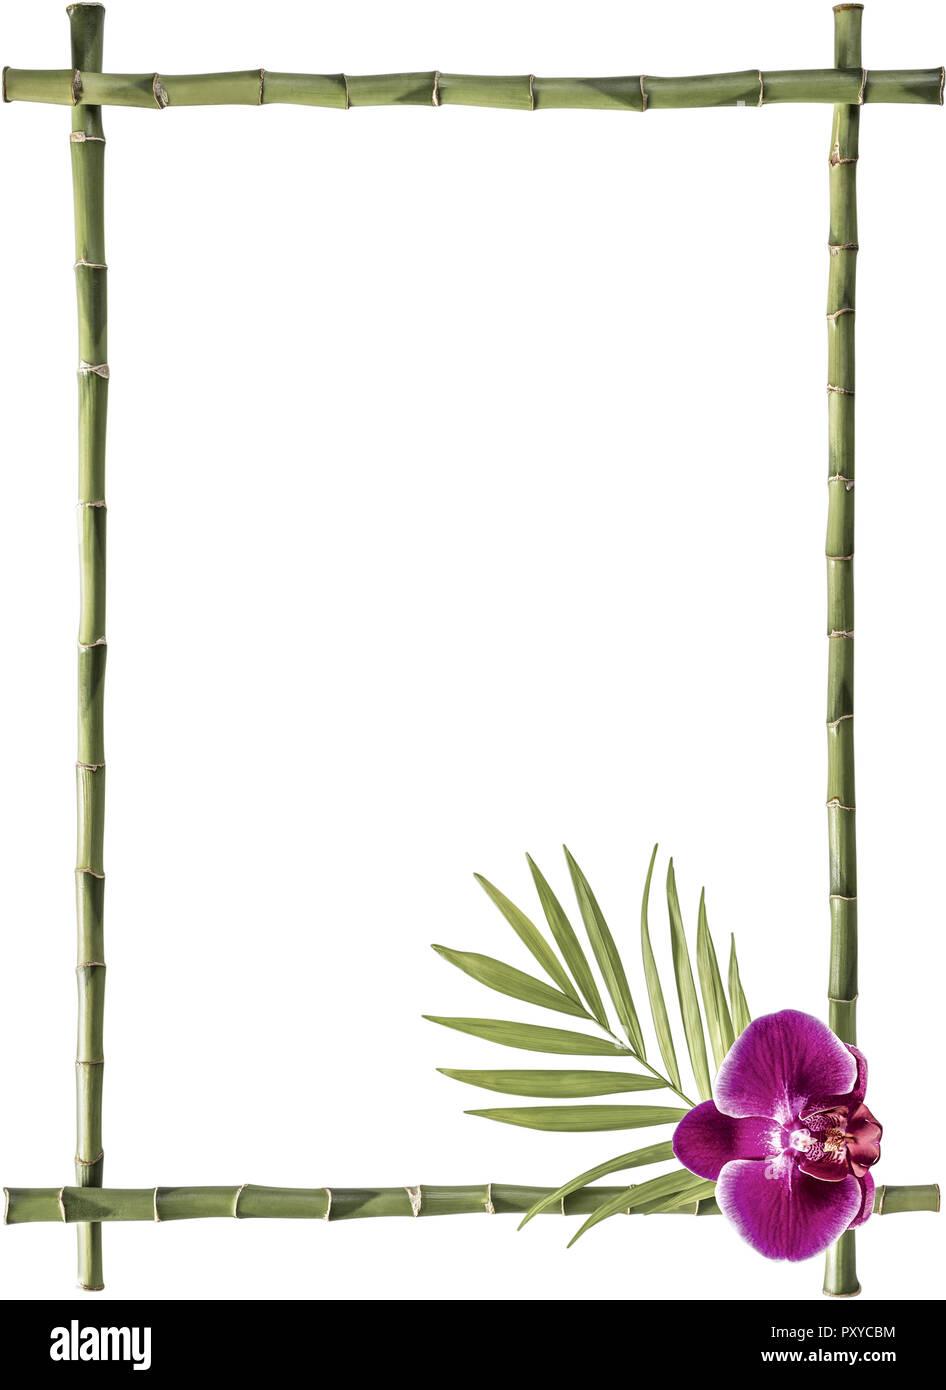 Rahmen aus Bambusstangen und einer Orchideenbluete Stock Photo